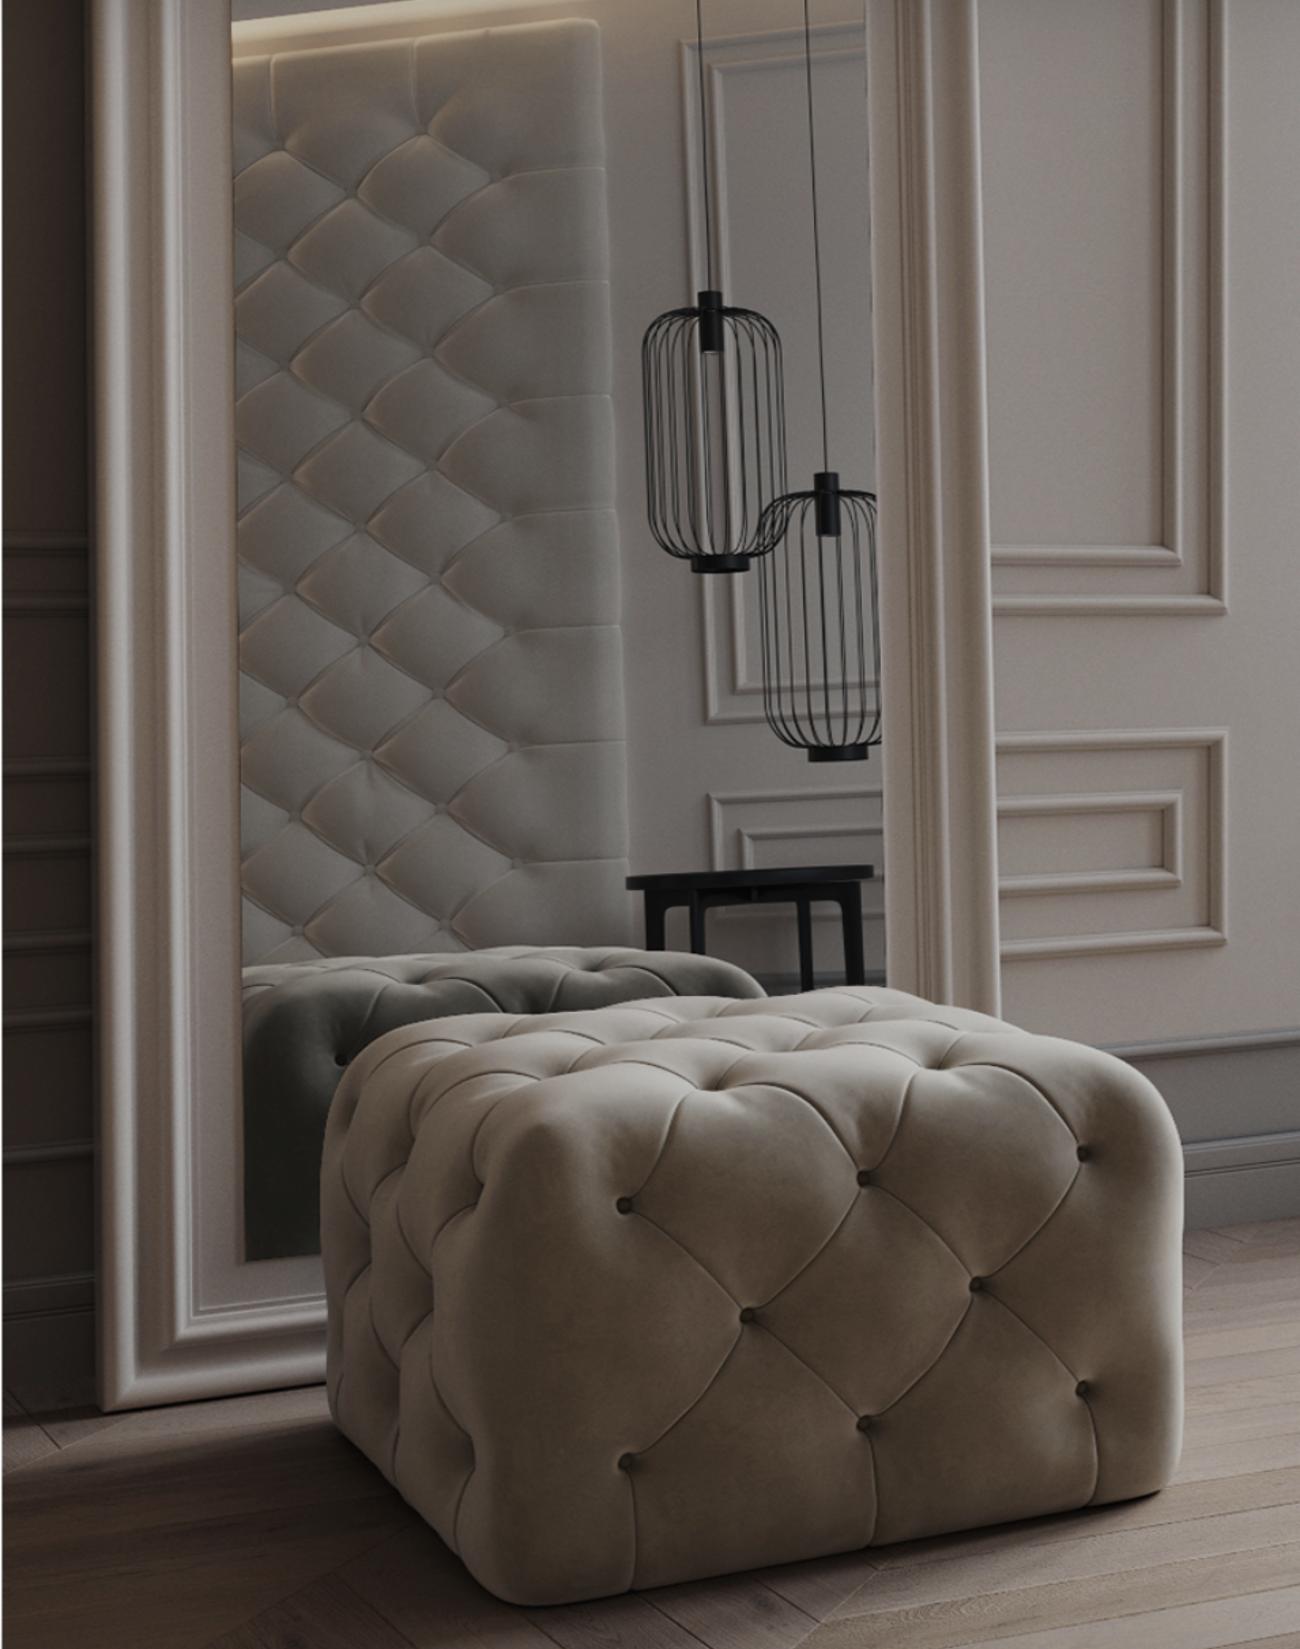 dolce-vita-design-interior-designer-miami-fl-florida-boston-6